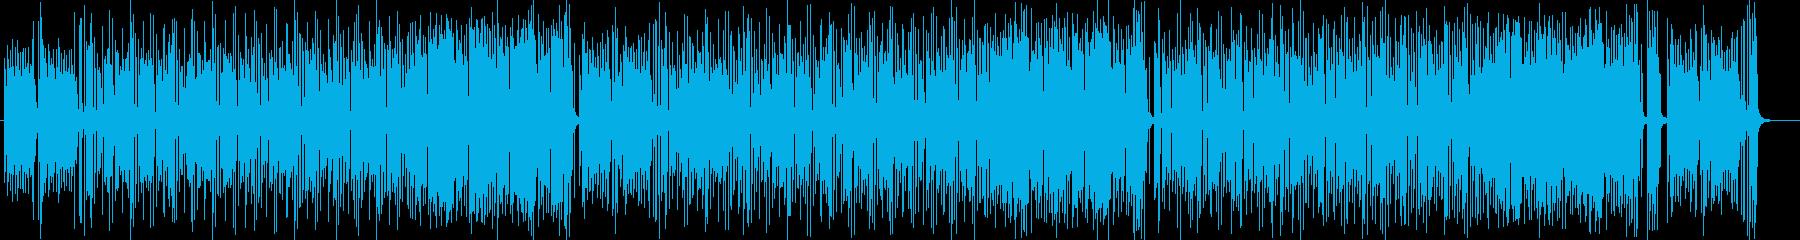 ミディアムテンポのコミカルなポップスの再生済みの波形